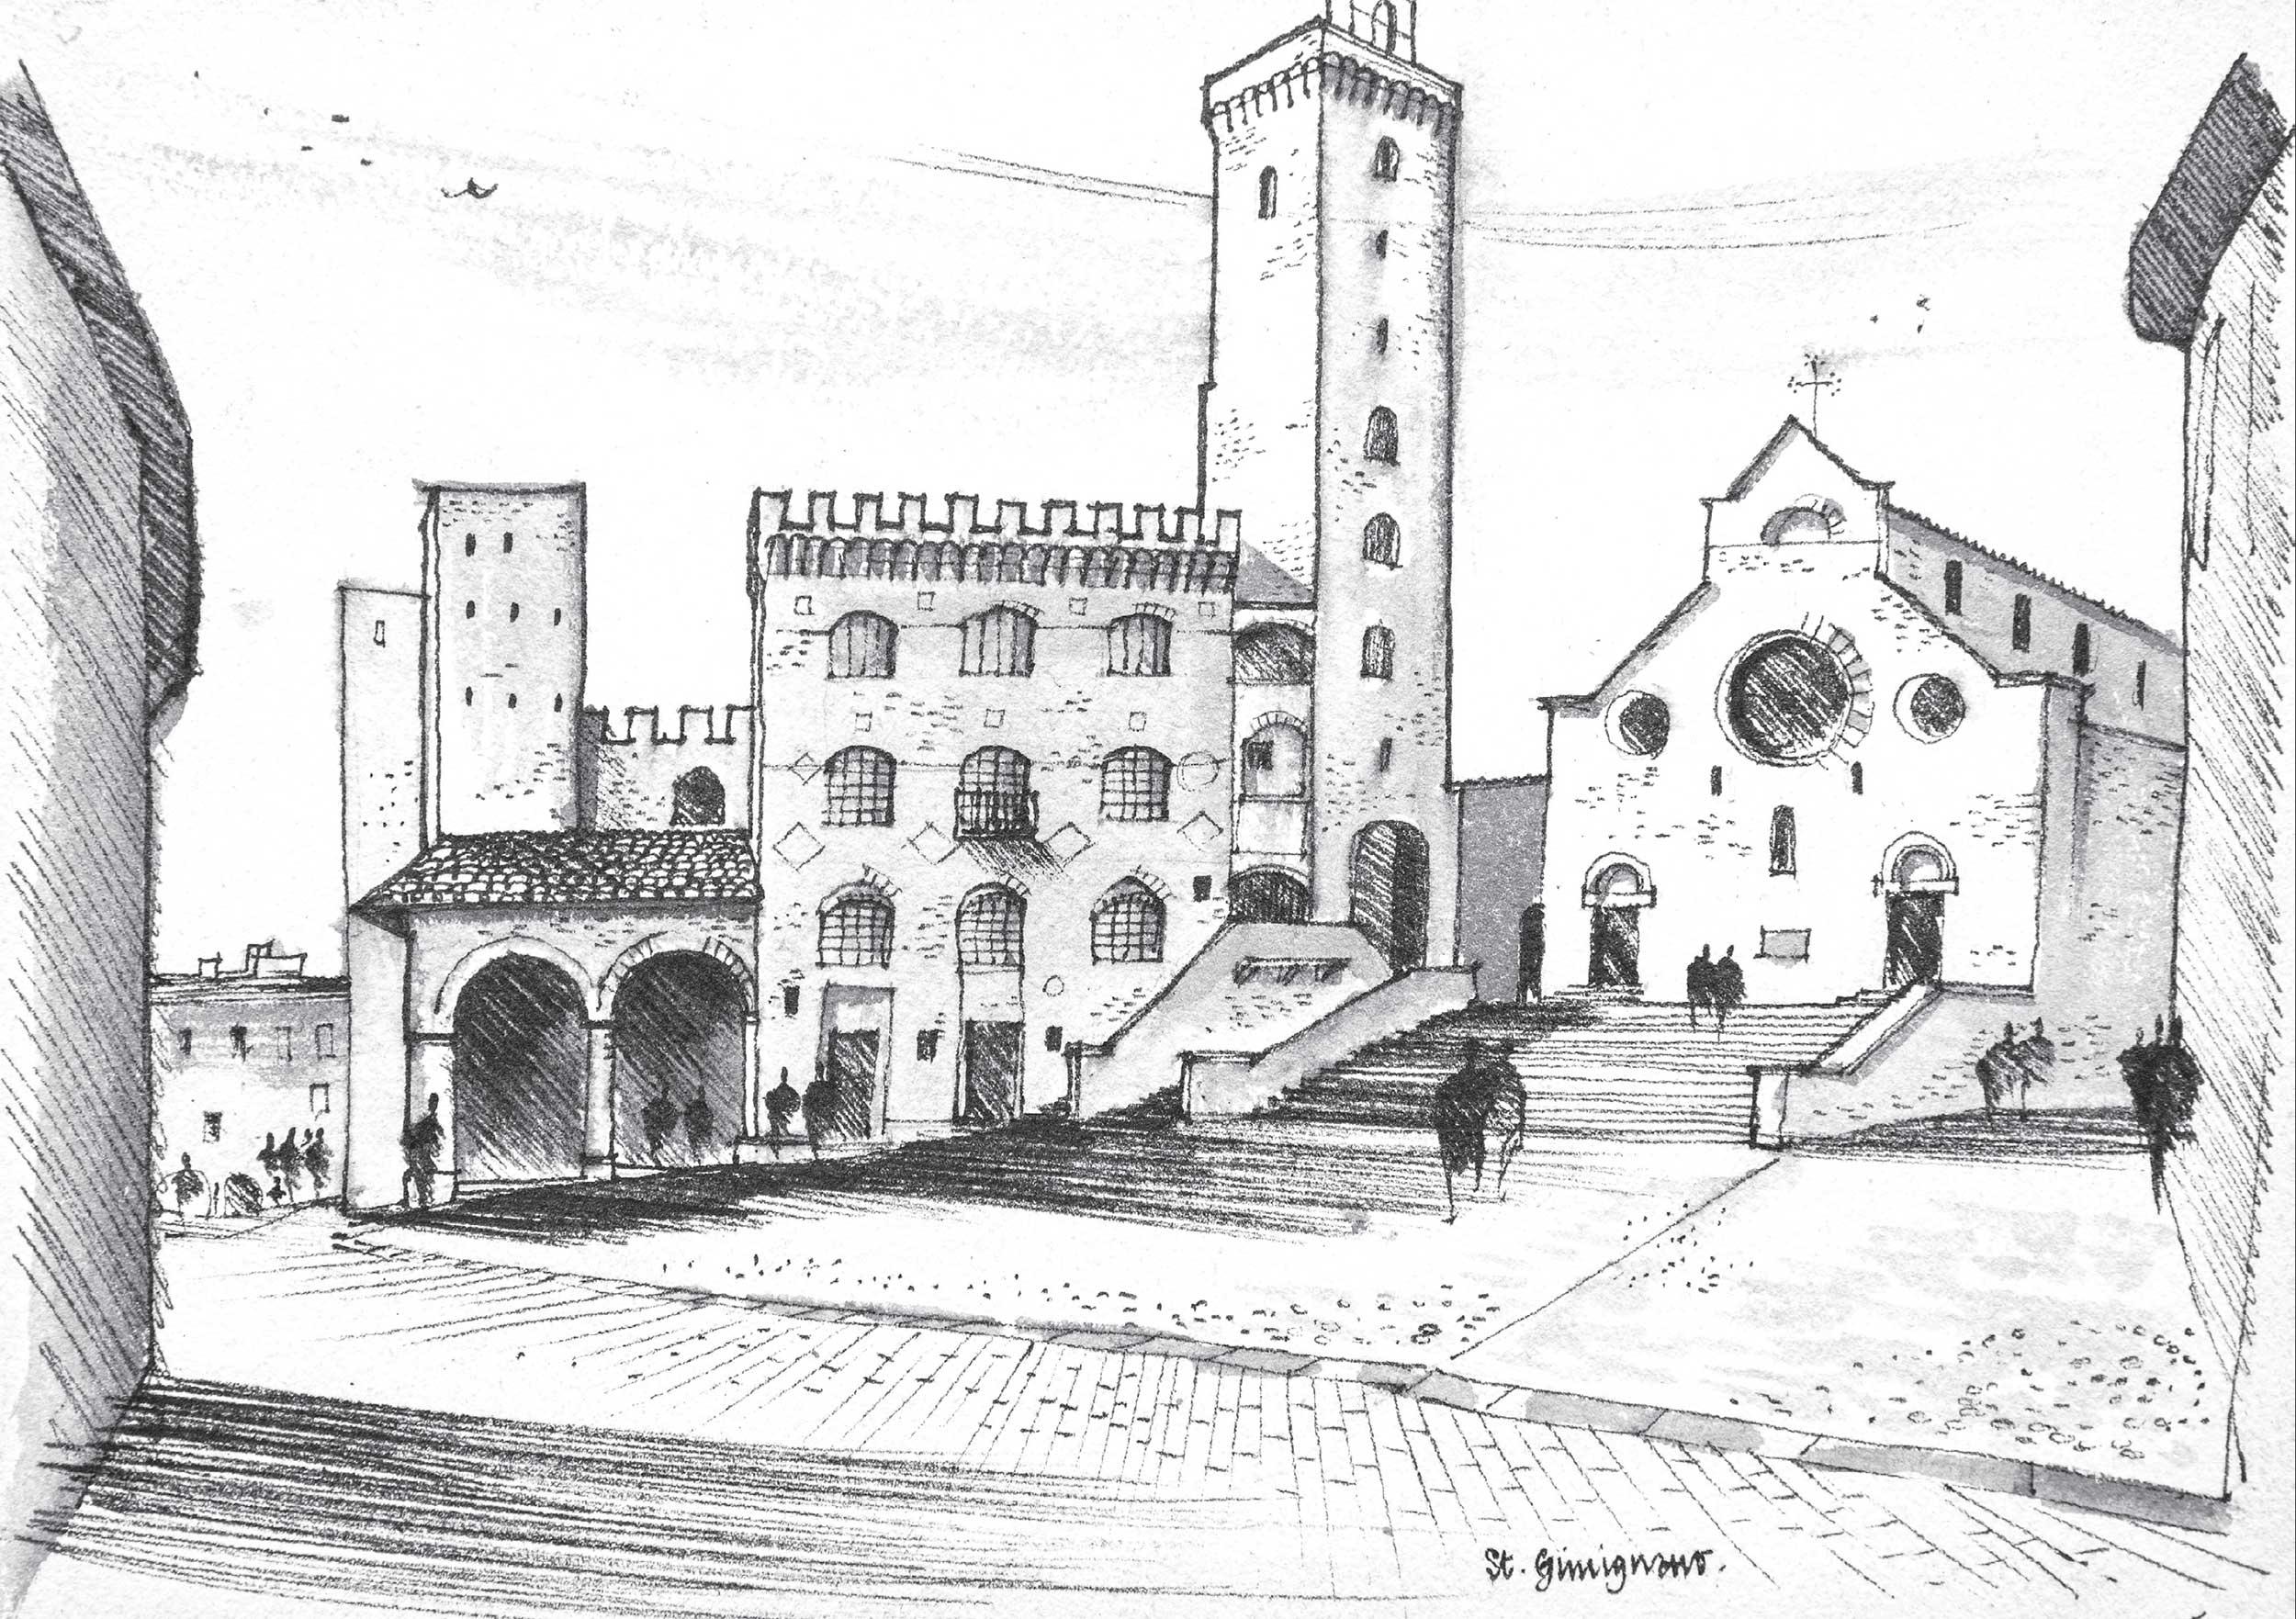 Sketch of Piazza del Duomo in San Gimignano, Italy